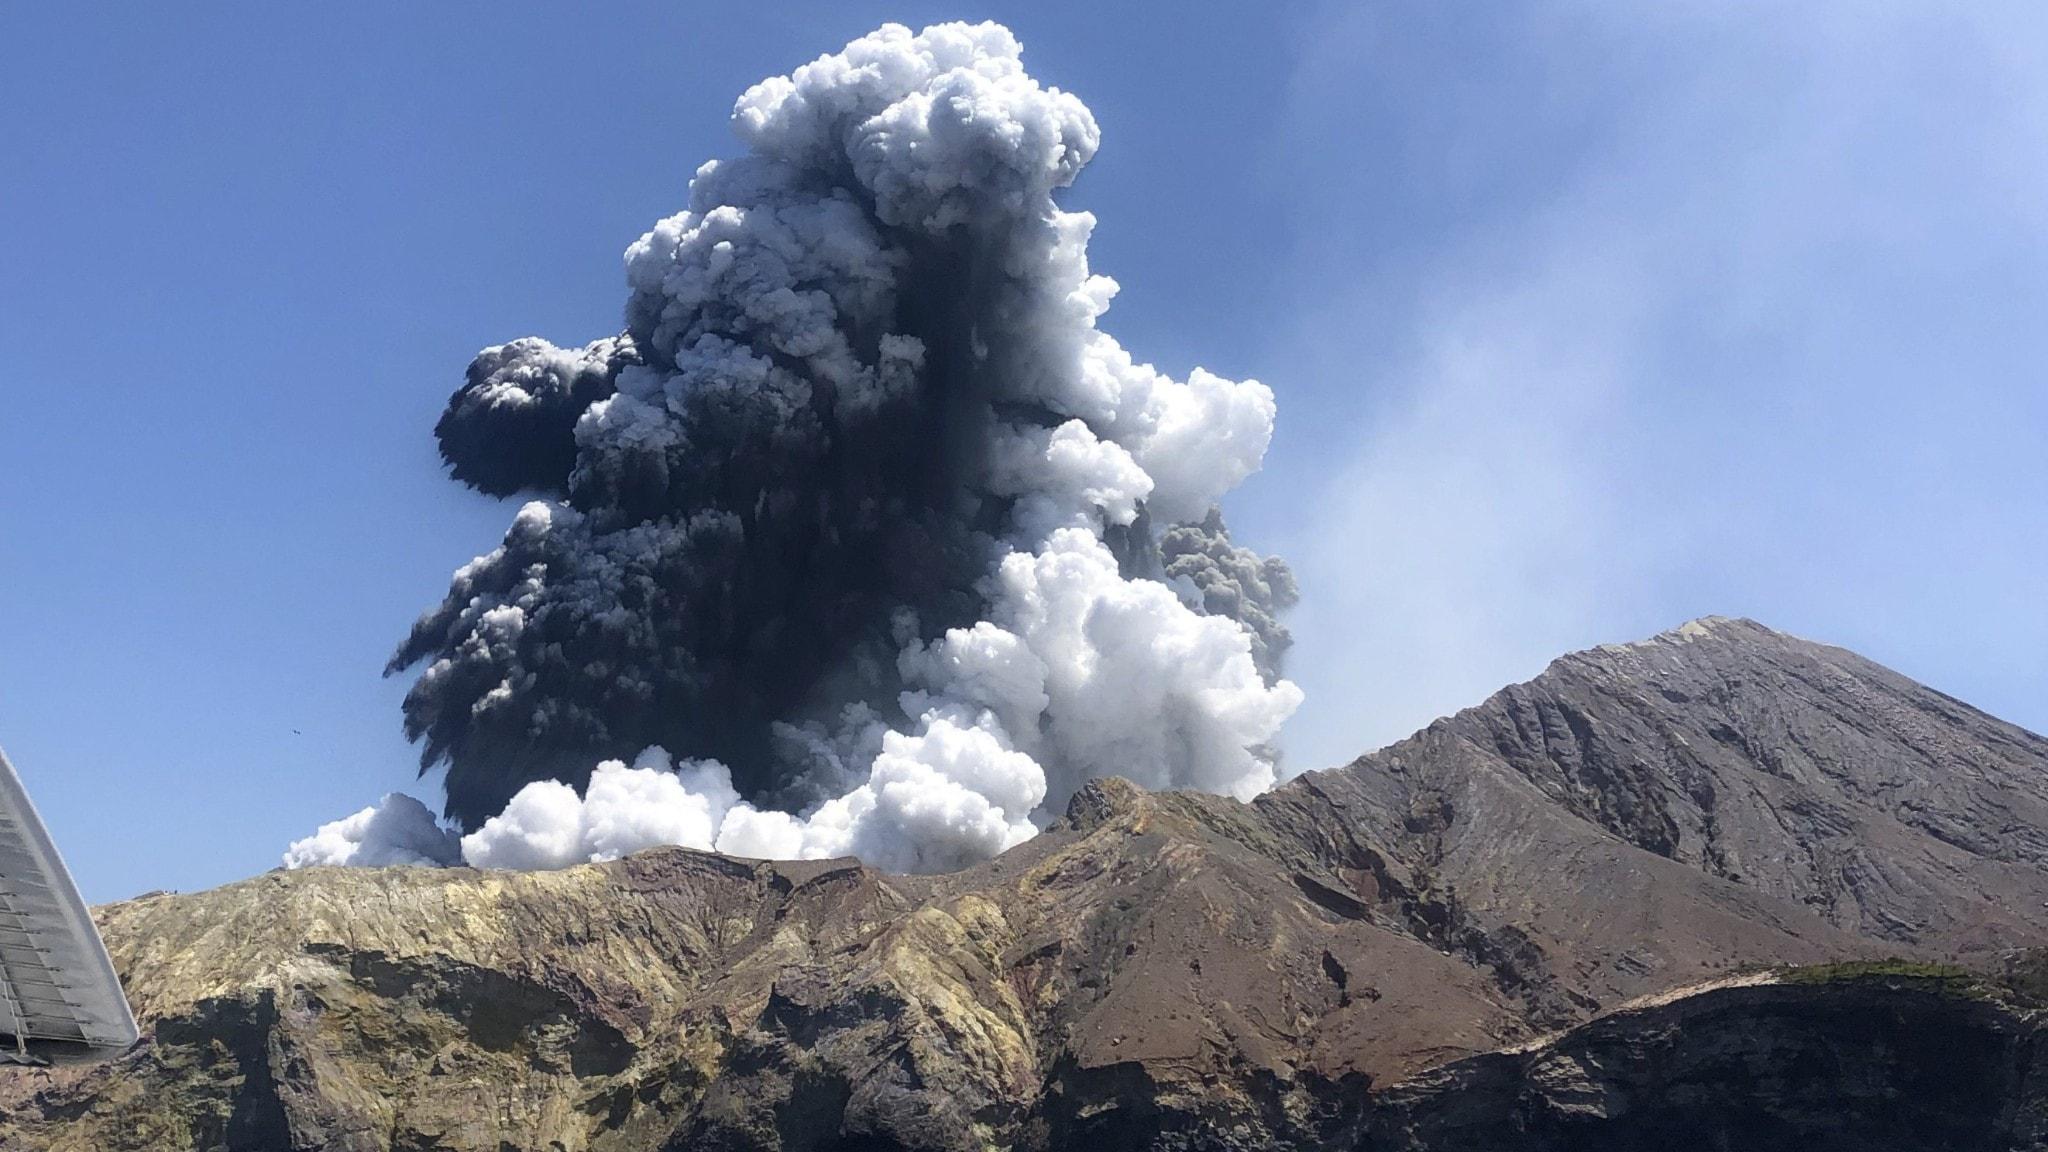 Varför överraskades turisterna av vulkanen?